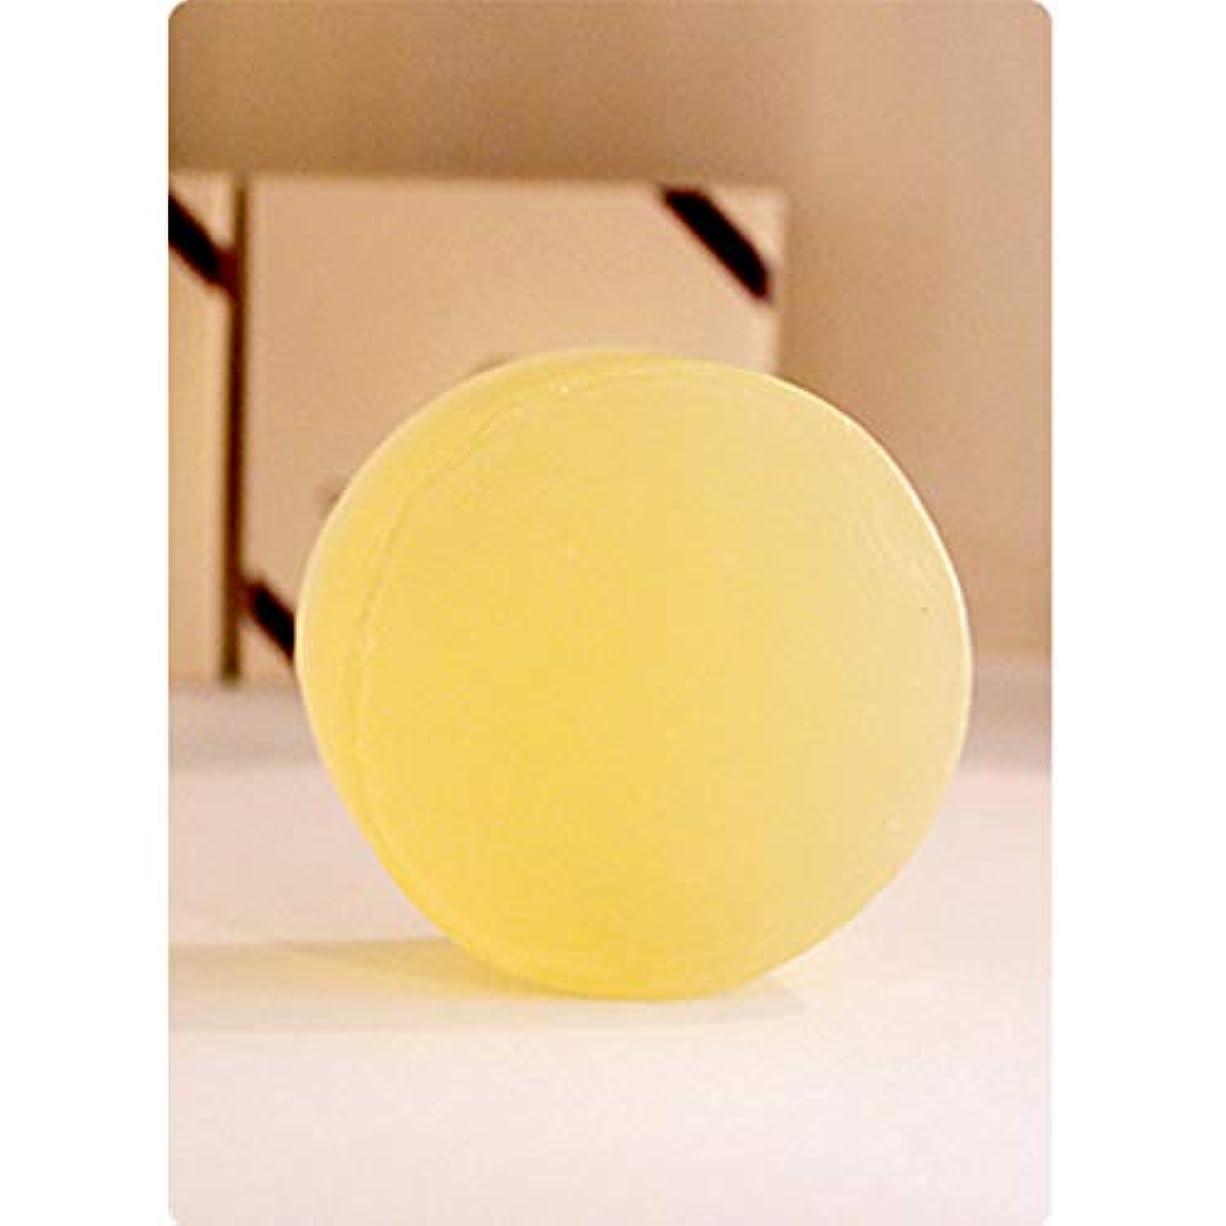 ずるいにもかかわらず連帯コラーゲンアロマソープ 80g×3本 香りよく一日の疲れを癒してくれるアロマ石鹸